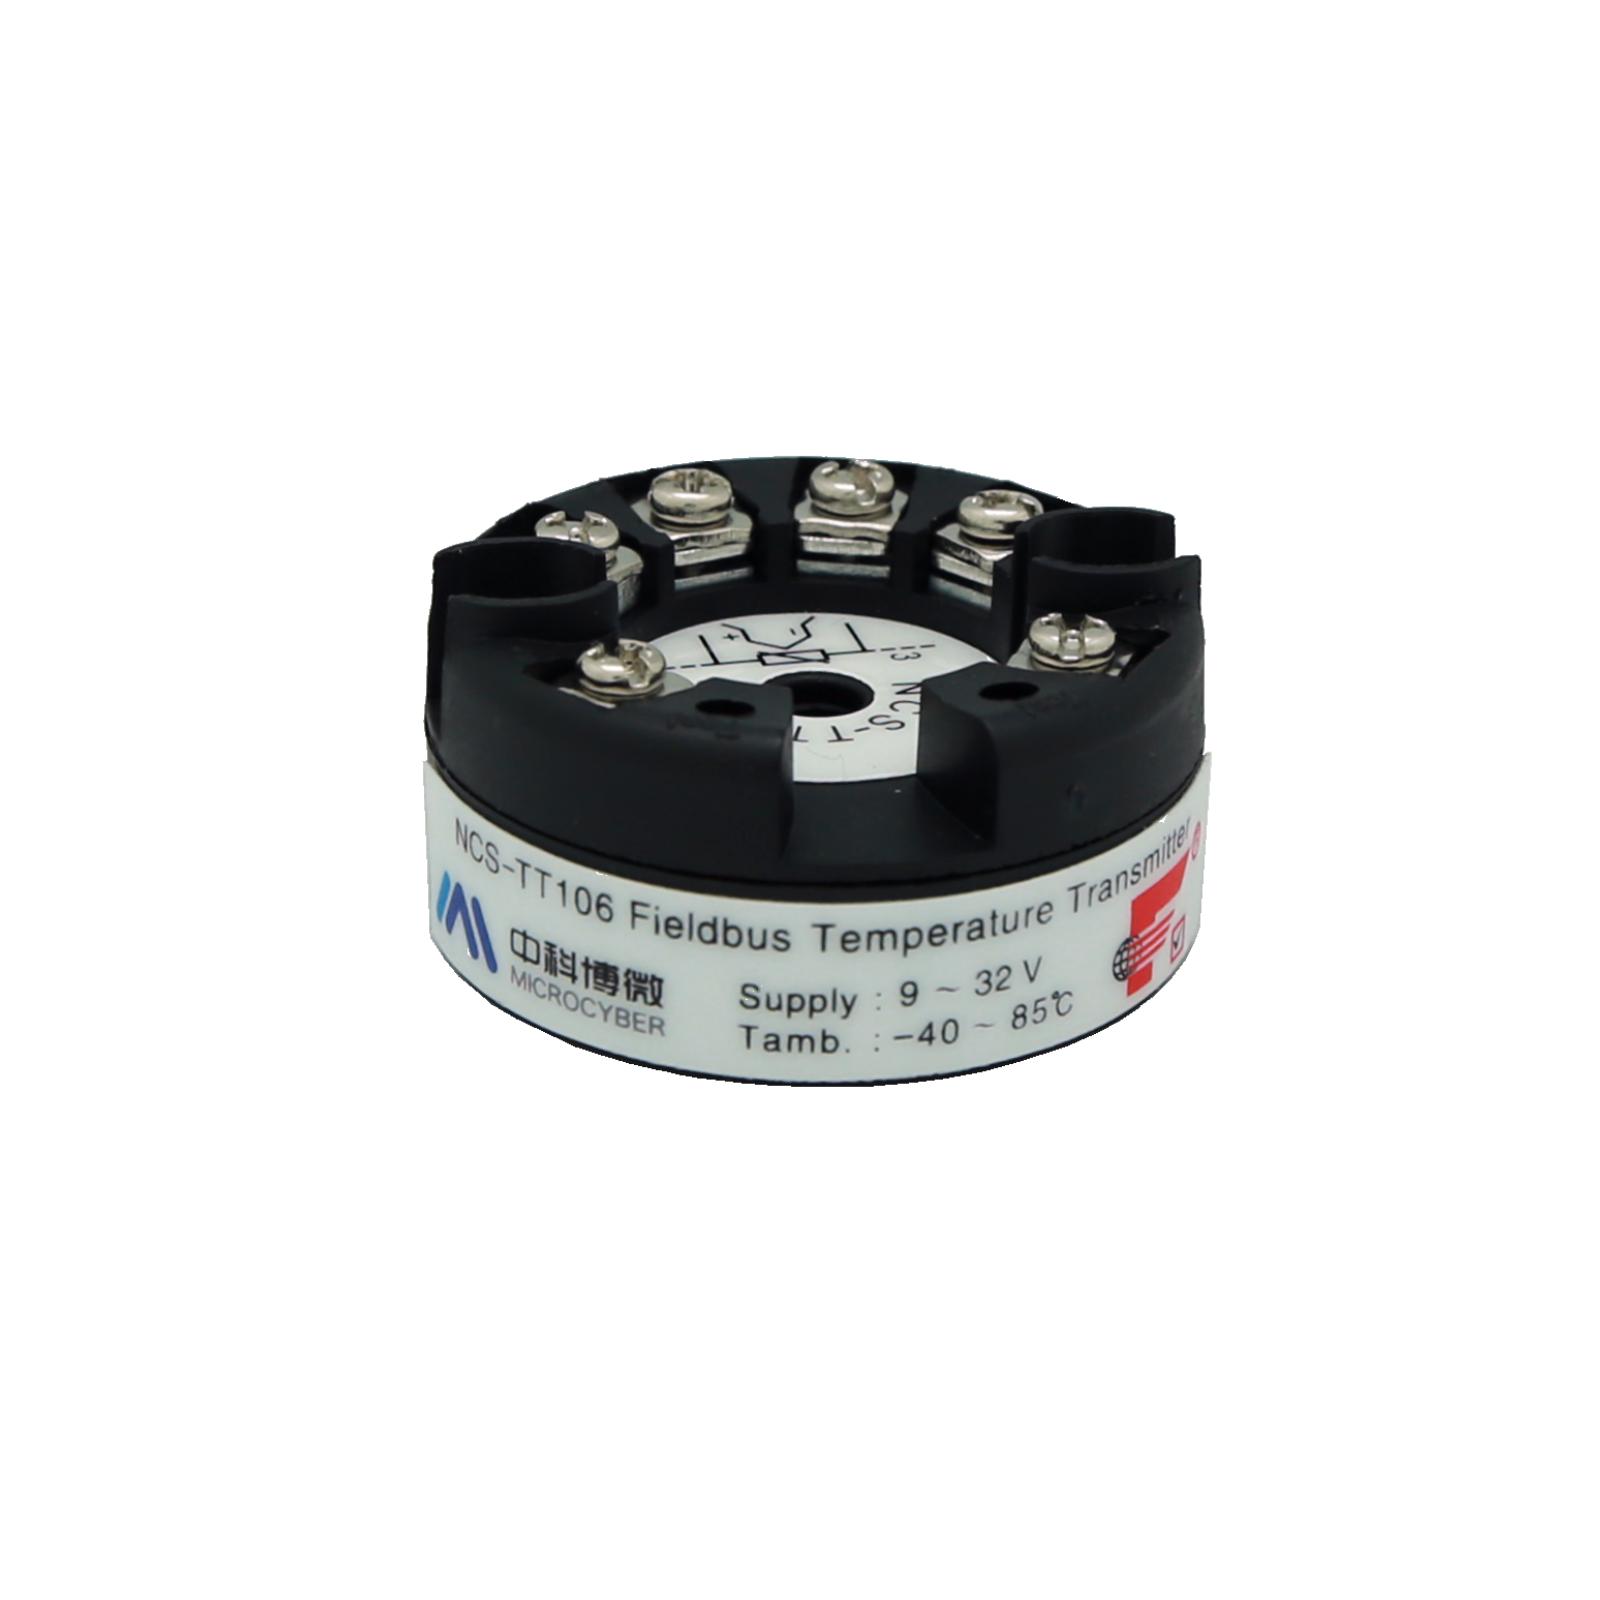 Transmisor de temperatura montado en la cabeza NCS-TT106